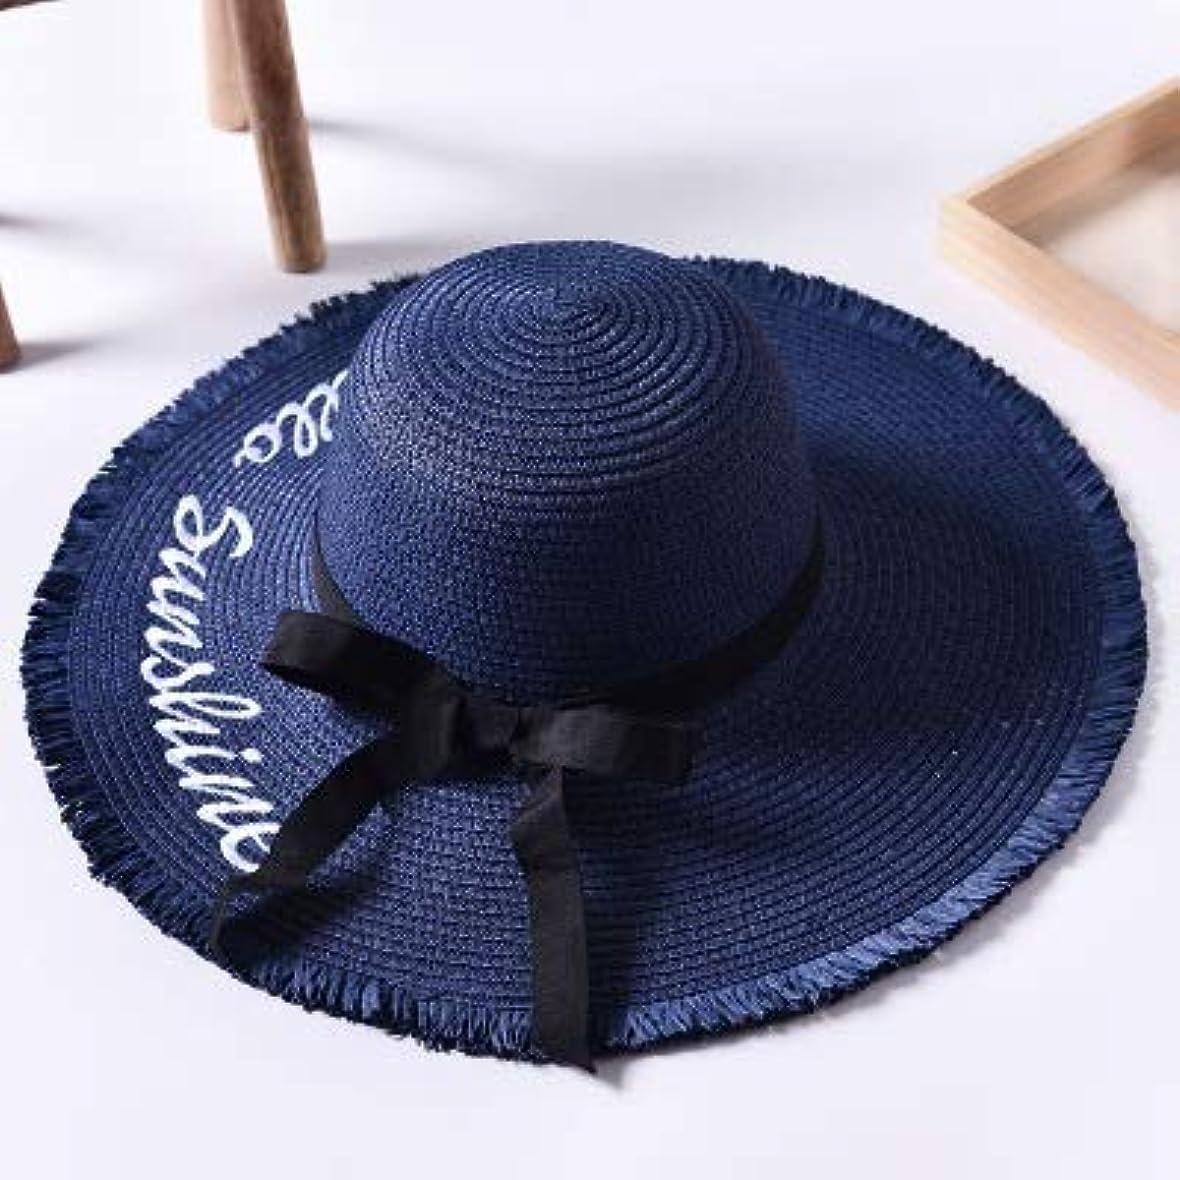 役に立たないエンゲージメント困惑した家 さんの帽子の手紙手織り黒のレースのリボン、大きなつばの麦わら帽子夏屋外ビーチキャップ帽子 (色 : 2, サイズ : 55 58cm)